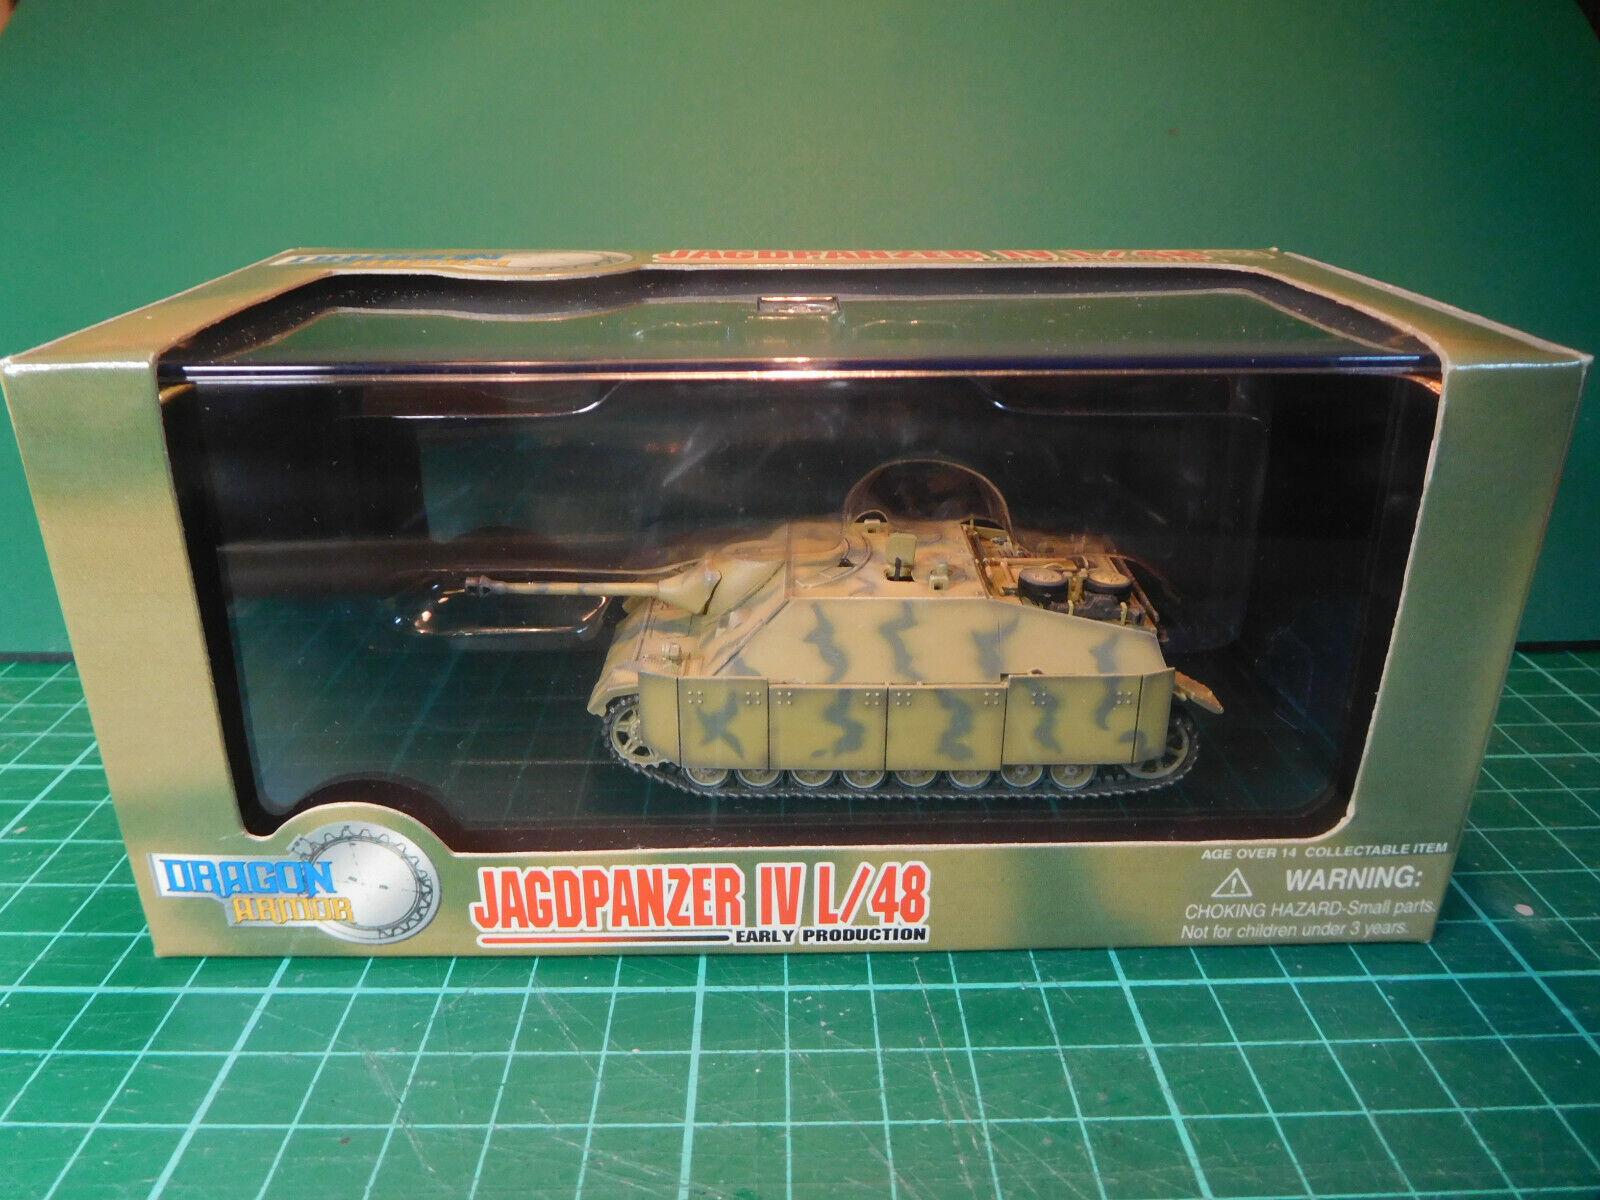 1-72 oggetto Dragon ARMOR N. 60225 tedesco Jagdpanzer IV L 48 precoce prod, Normandia 1